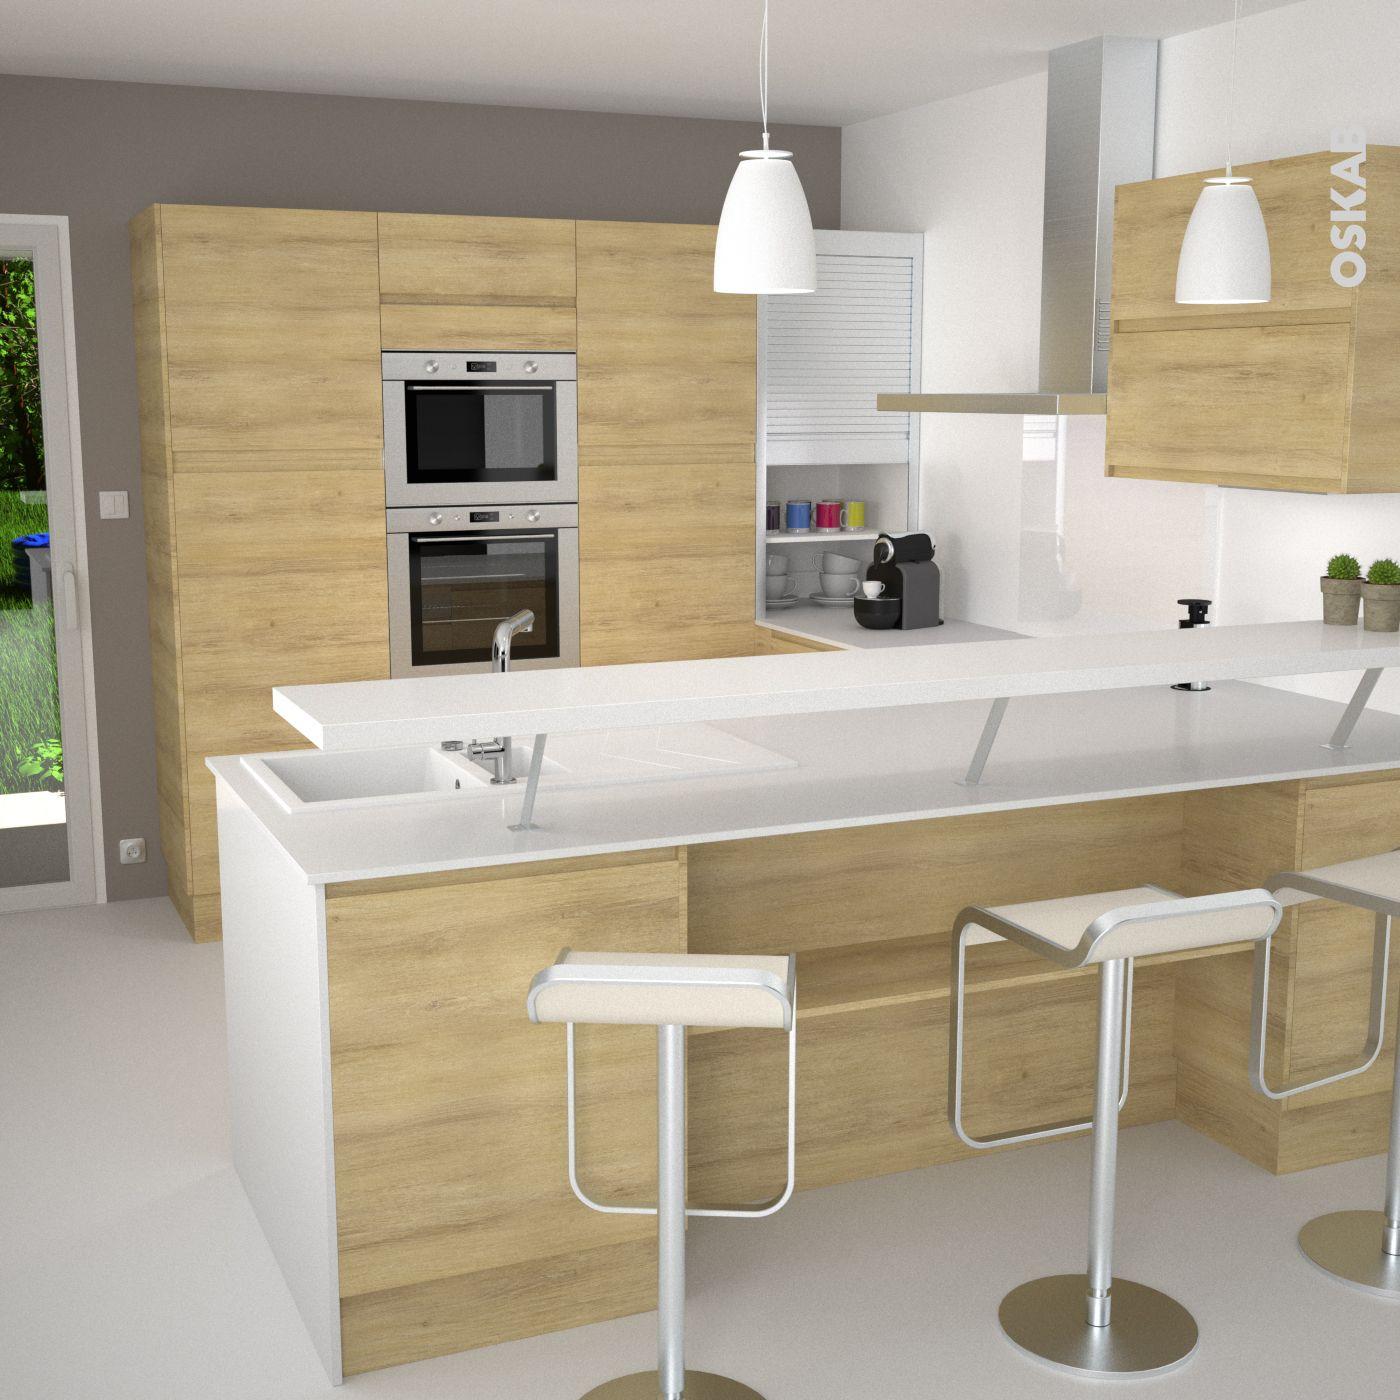 cuisine nordique blanche et bois pur e mod le design